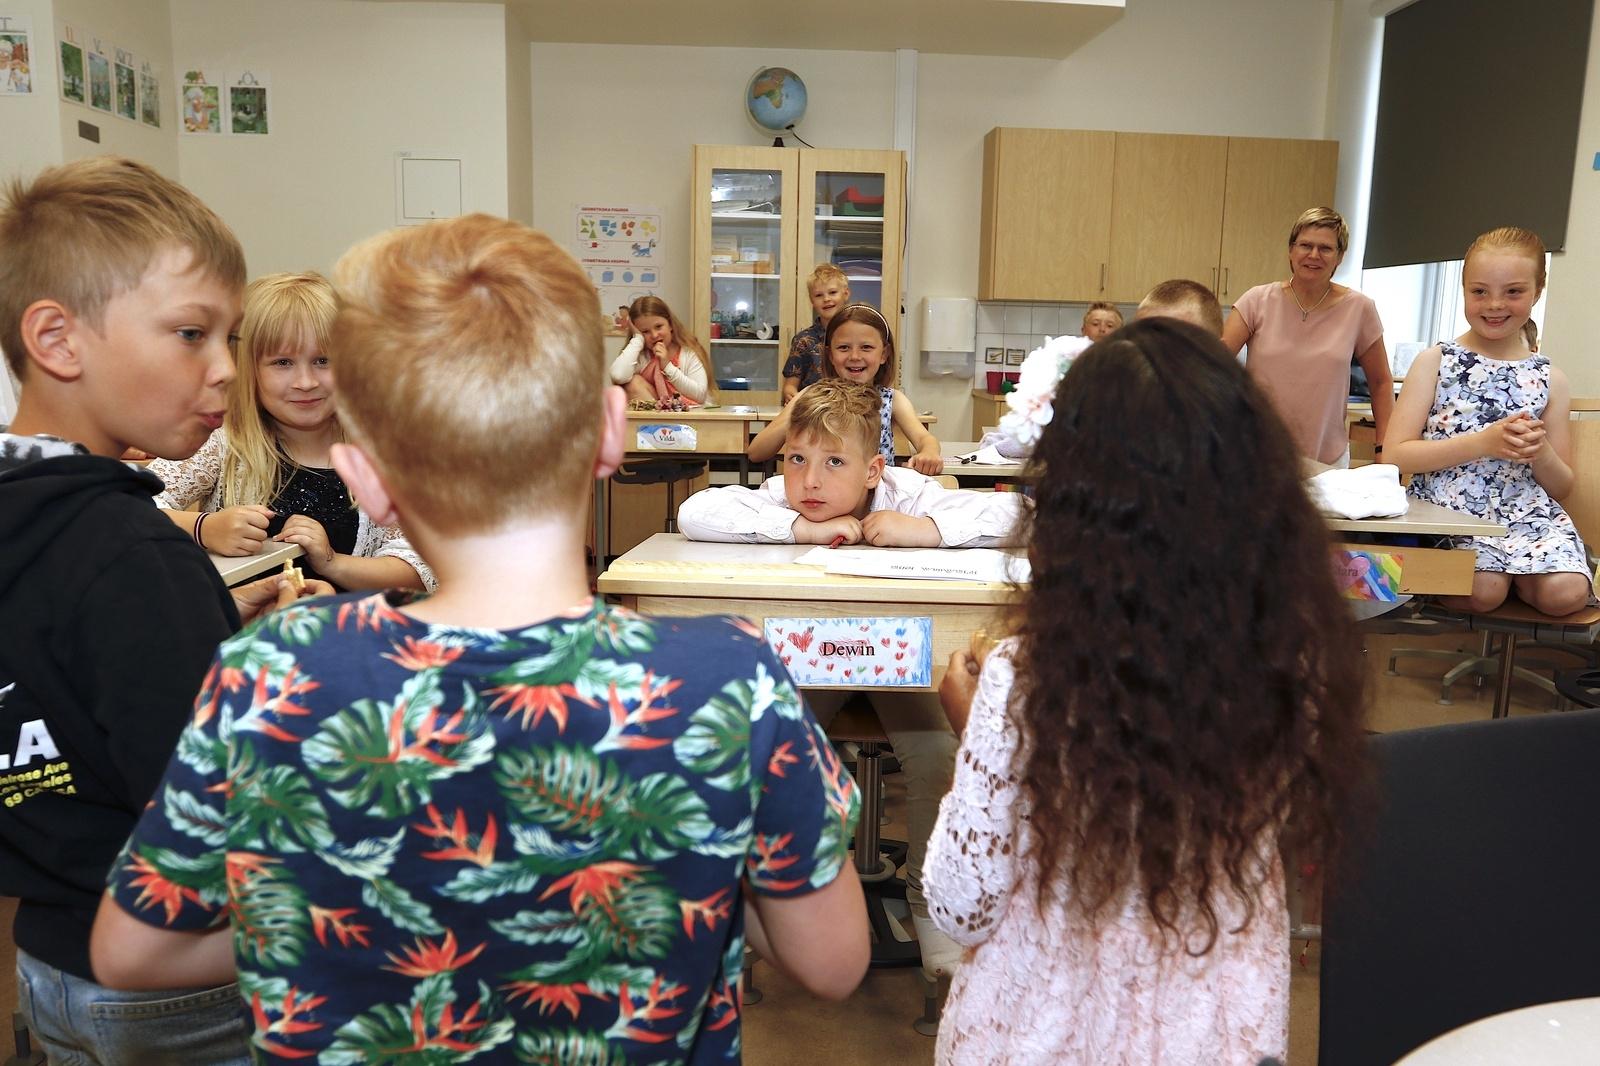 Kontrad Letoni Björk till vänster är snabbast i första klass med att vissla efter att ha tuggat i sig två mariekex.